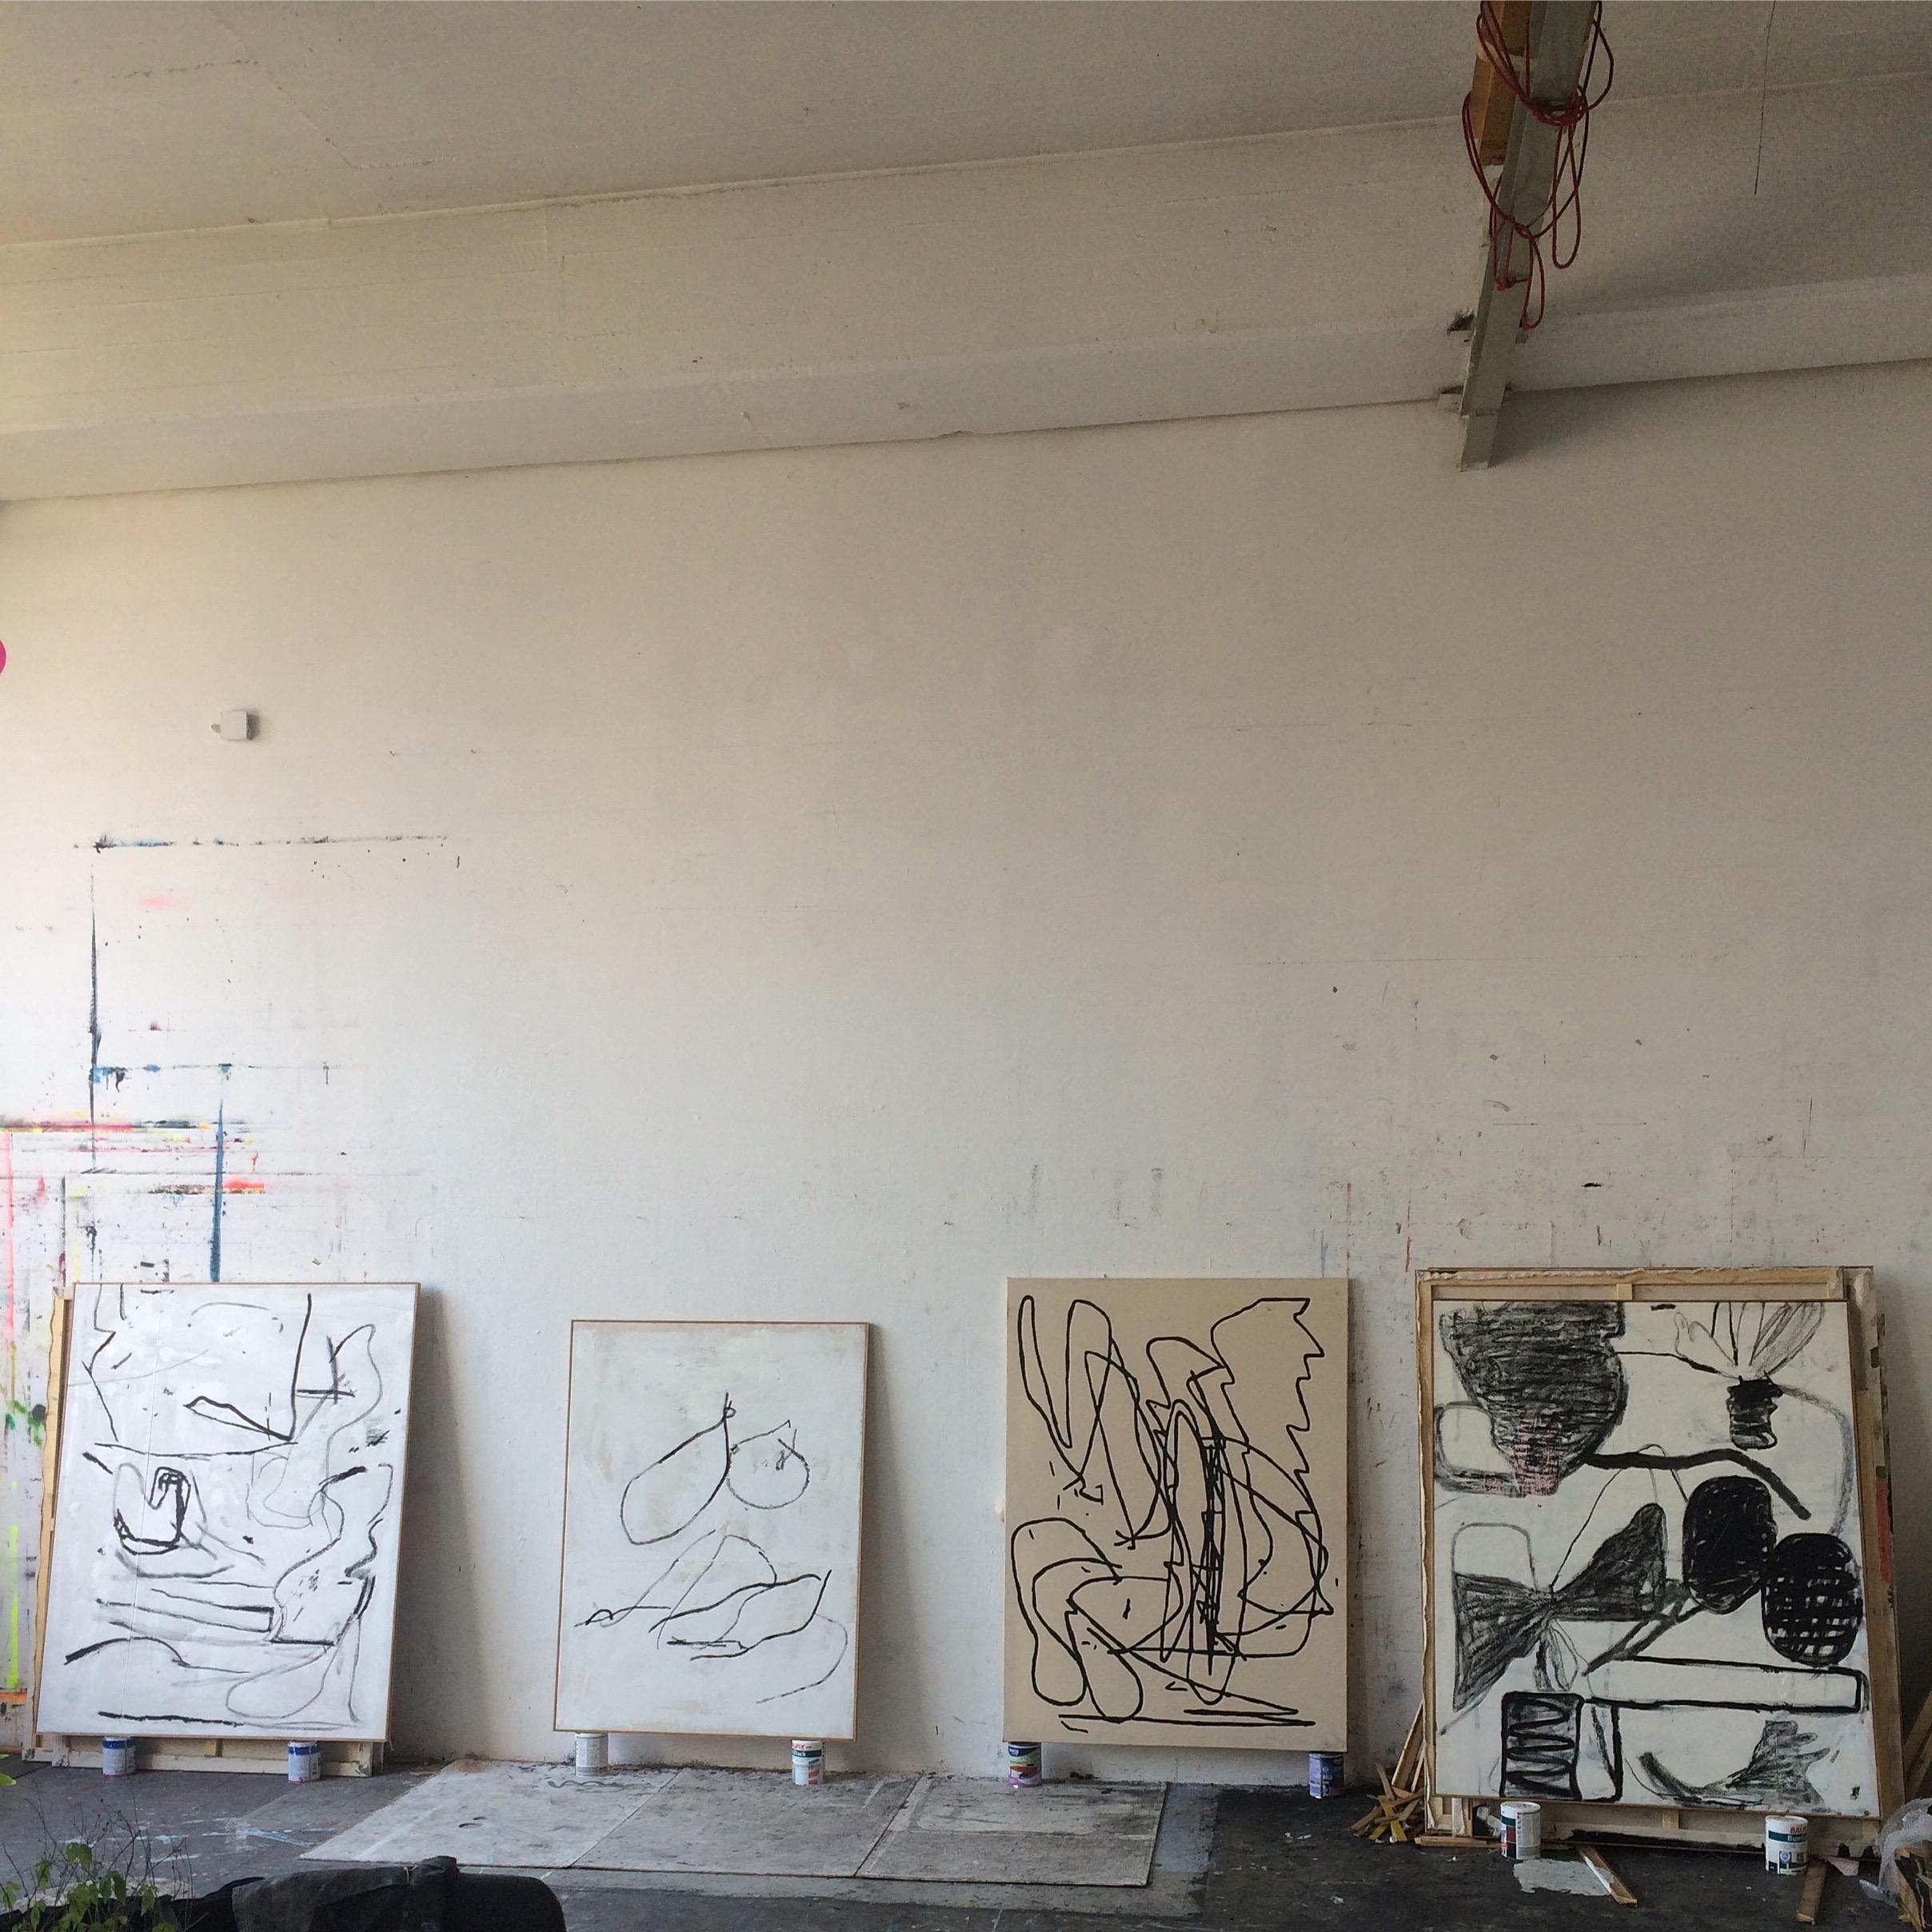 wolgang-voegele-studio-shots-5